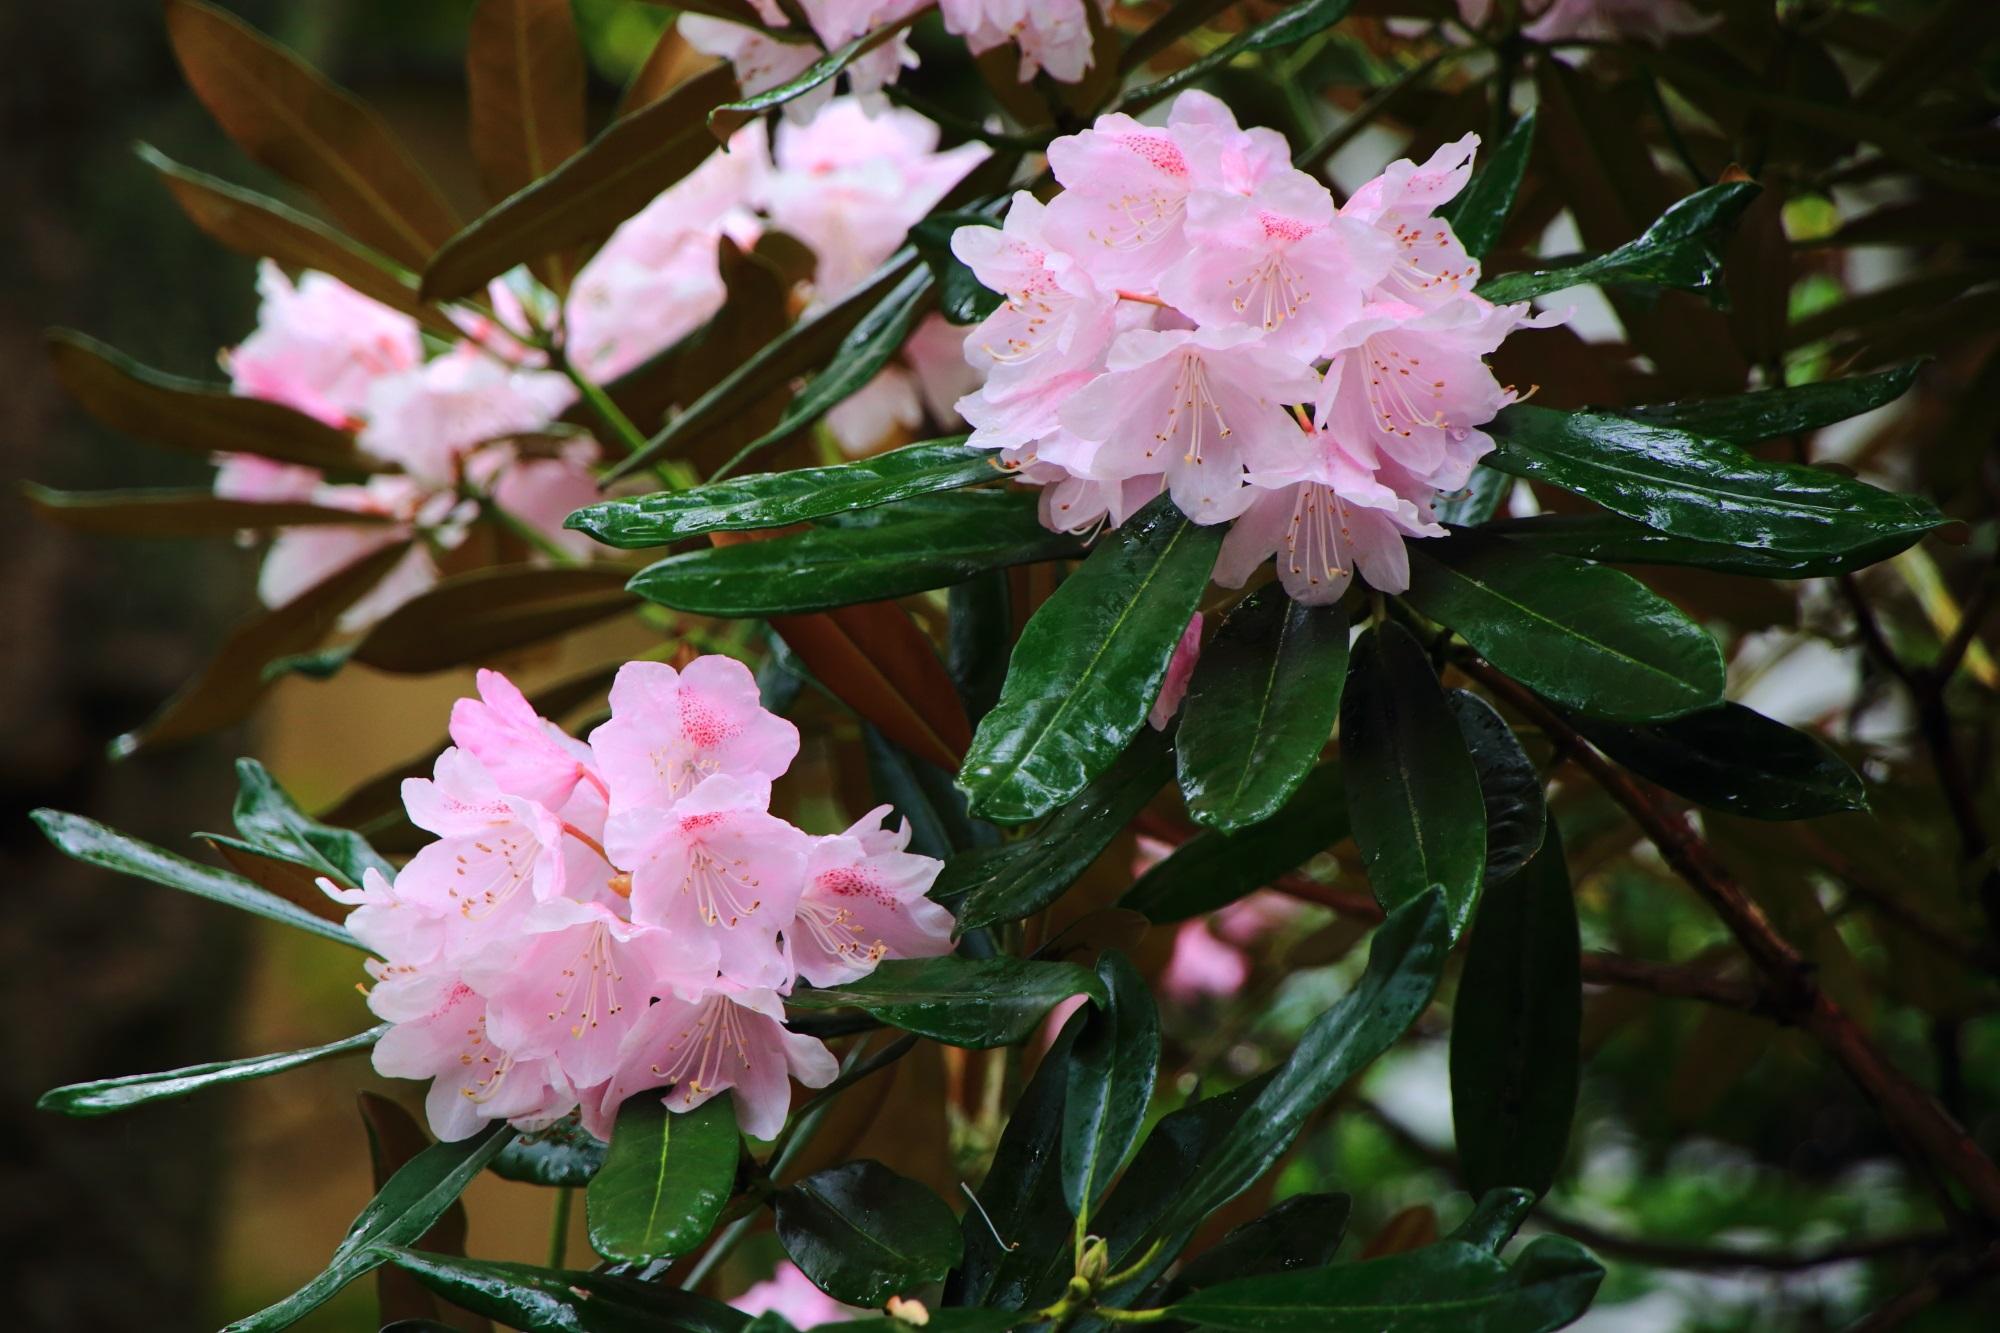 妙心寺大心院の切石の庭に咲く華やかなピンクの石楠花